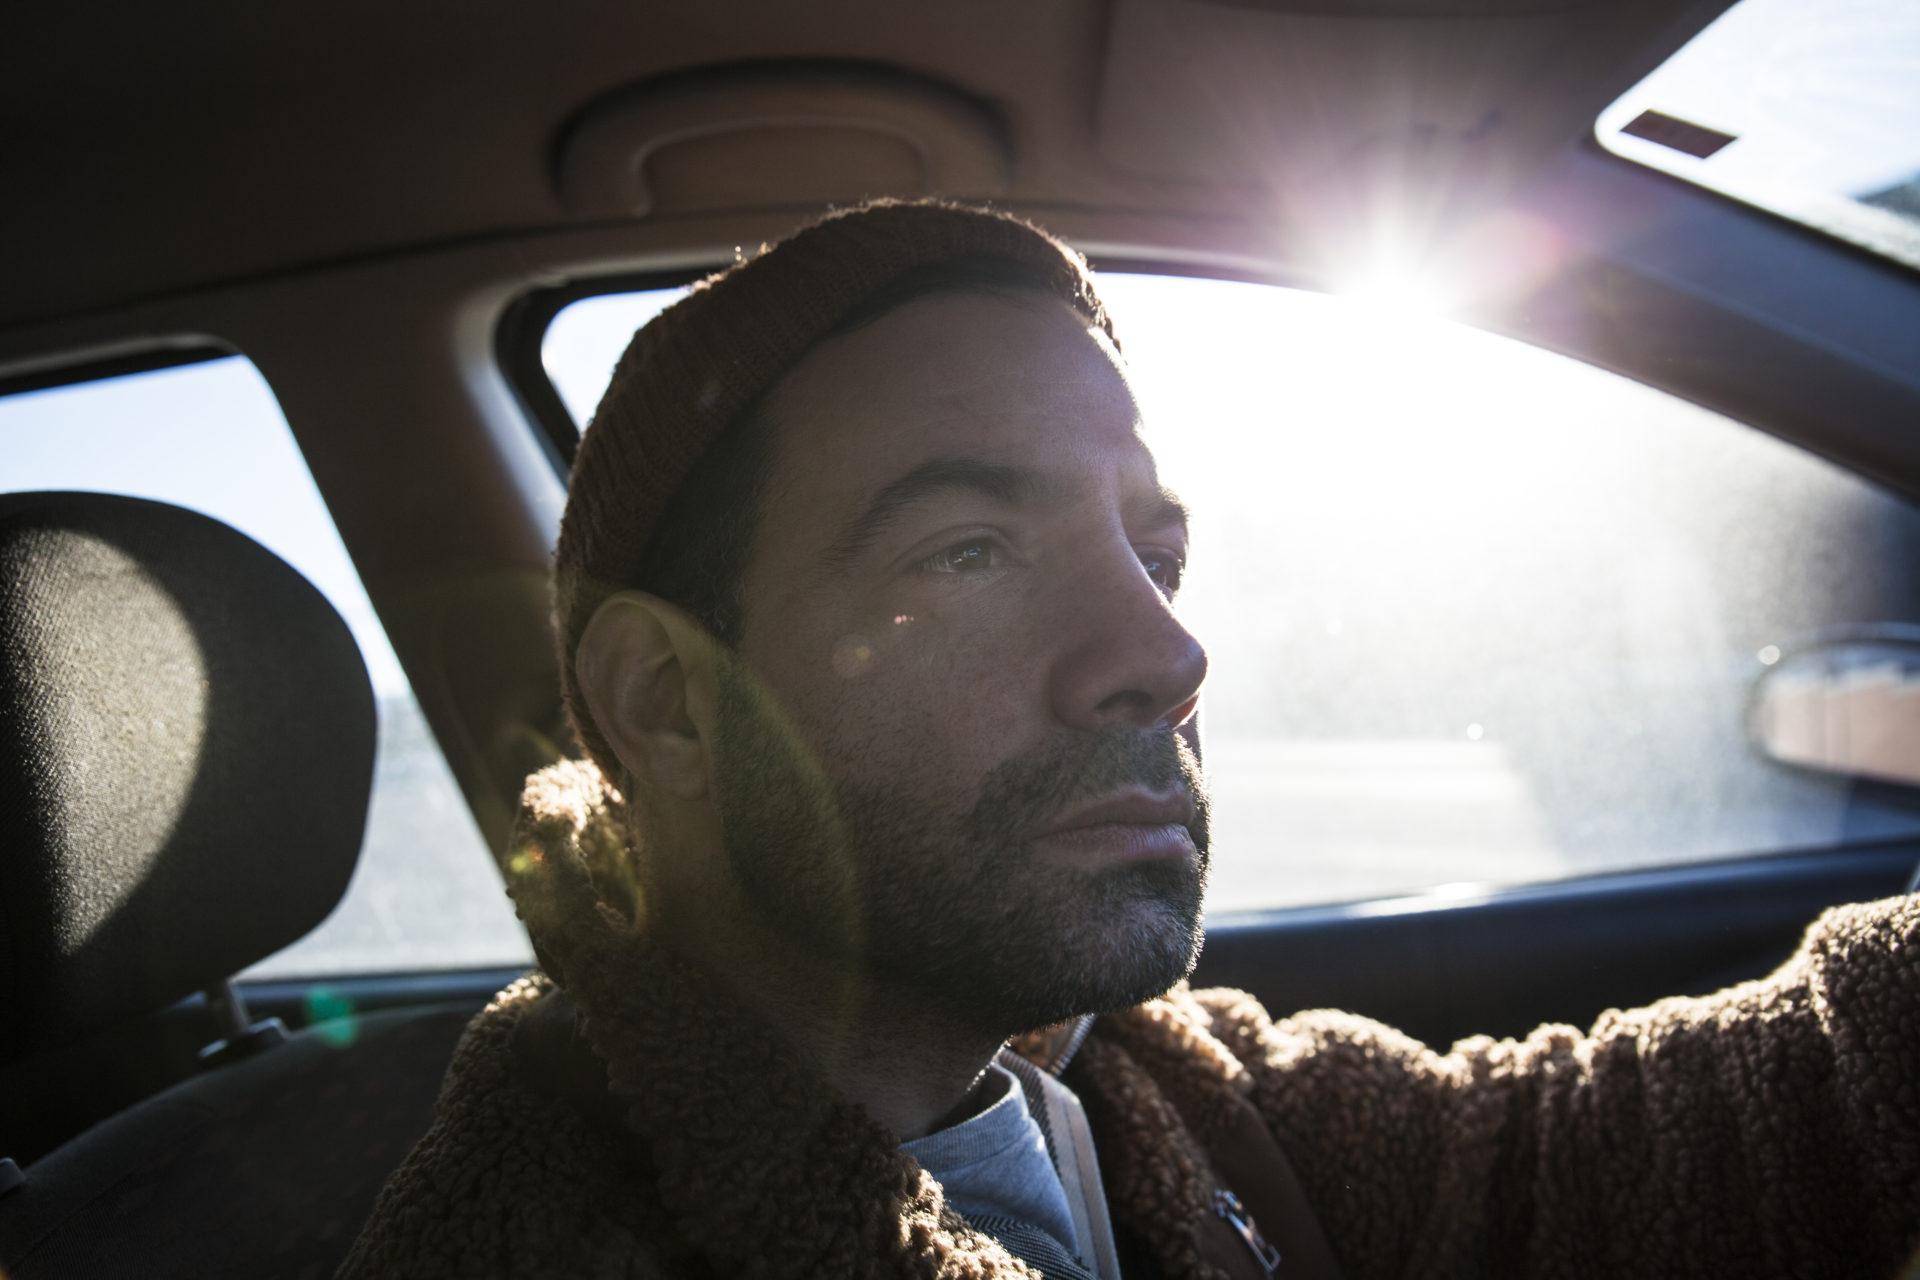 Pierro Dall'Osso fotograferad bakom ratten i sin bil, från passagerarsätet. Solen lyser in i sidorutan.